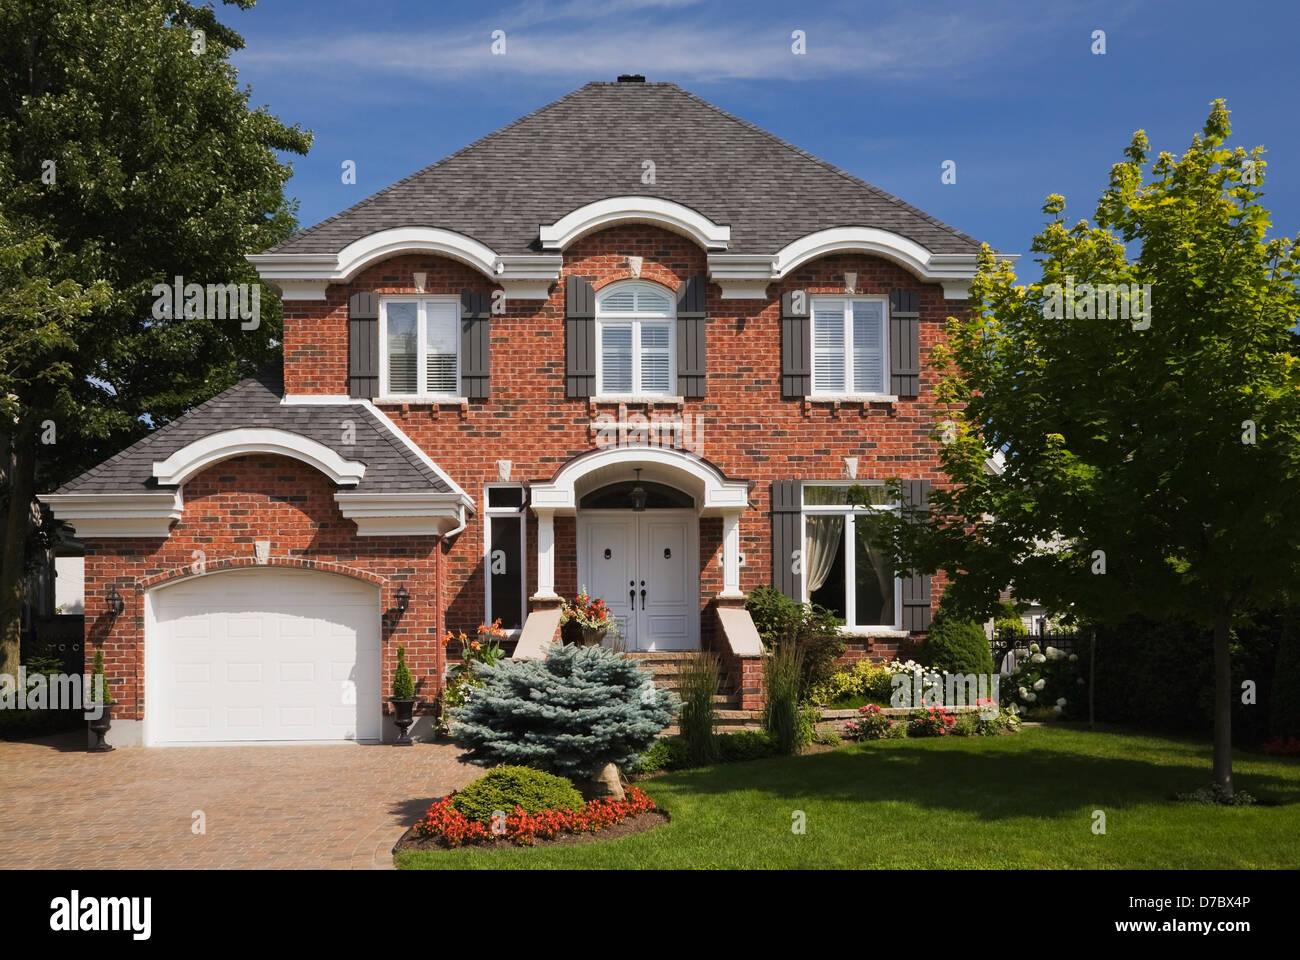 La Brique Rouge De Style Cottage Maison Avec Cour Avant Paysagee En